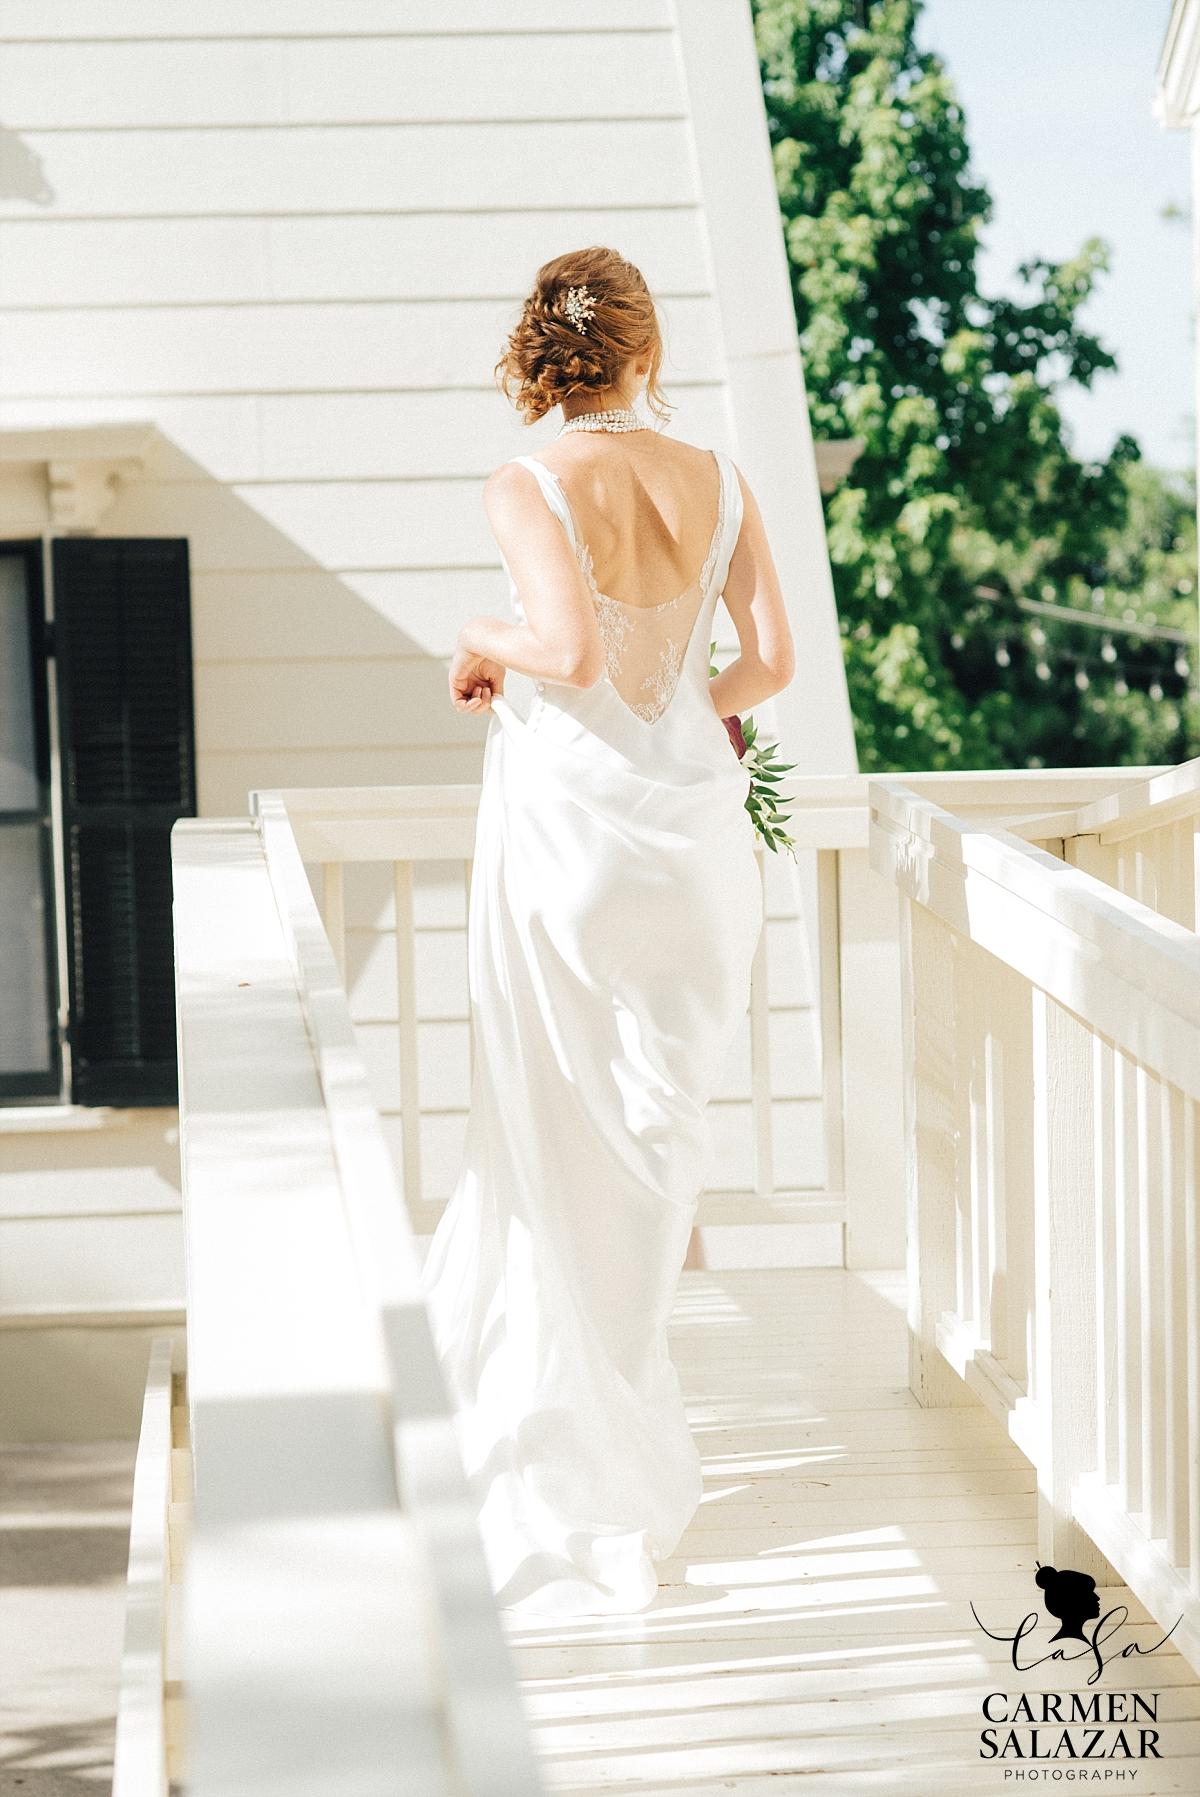 Elegant lace bridal fashion - Carmen Salazar